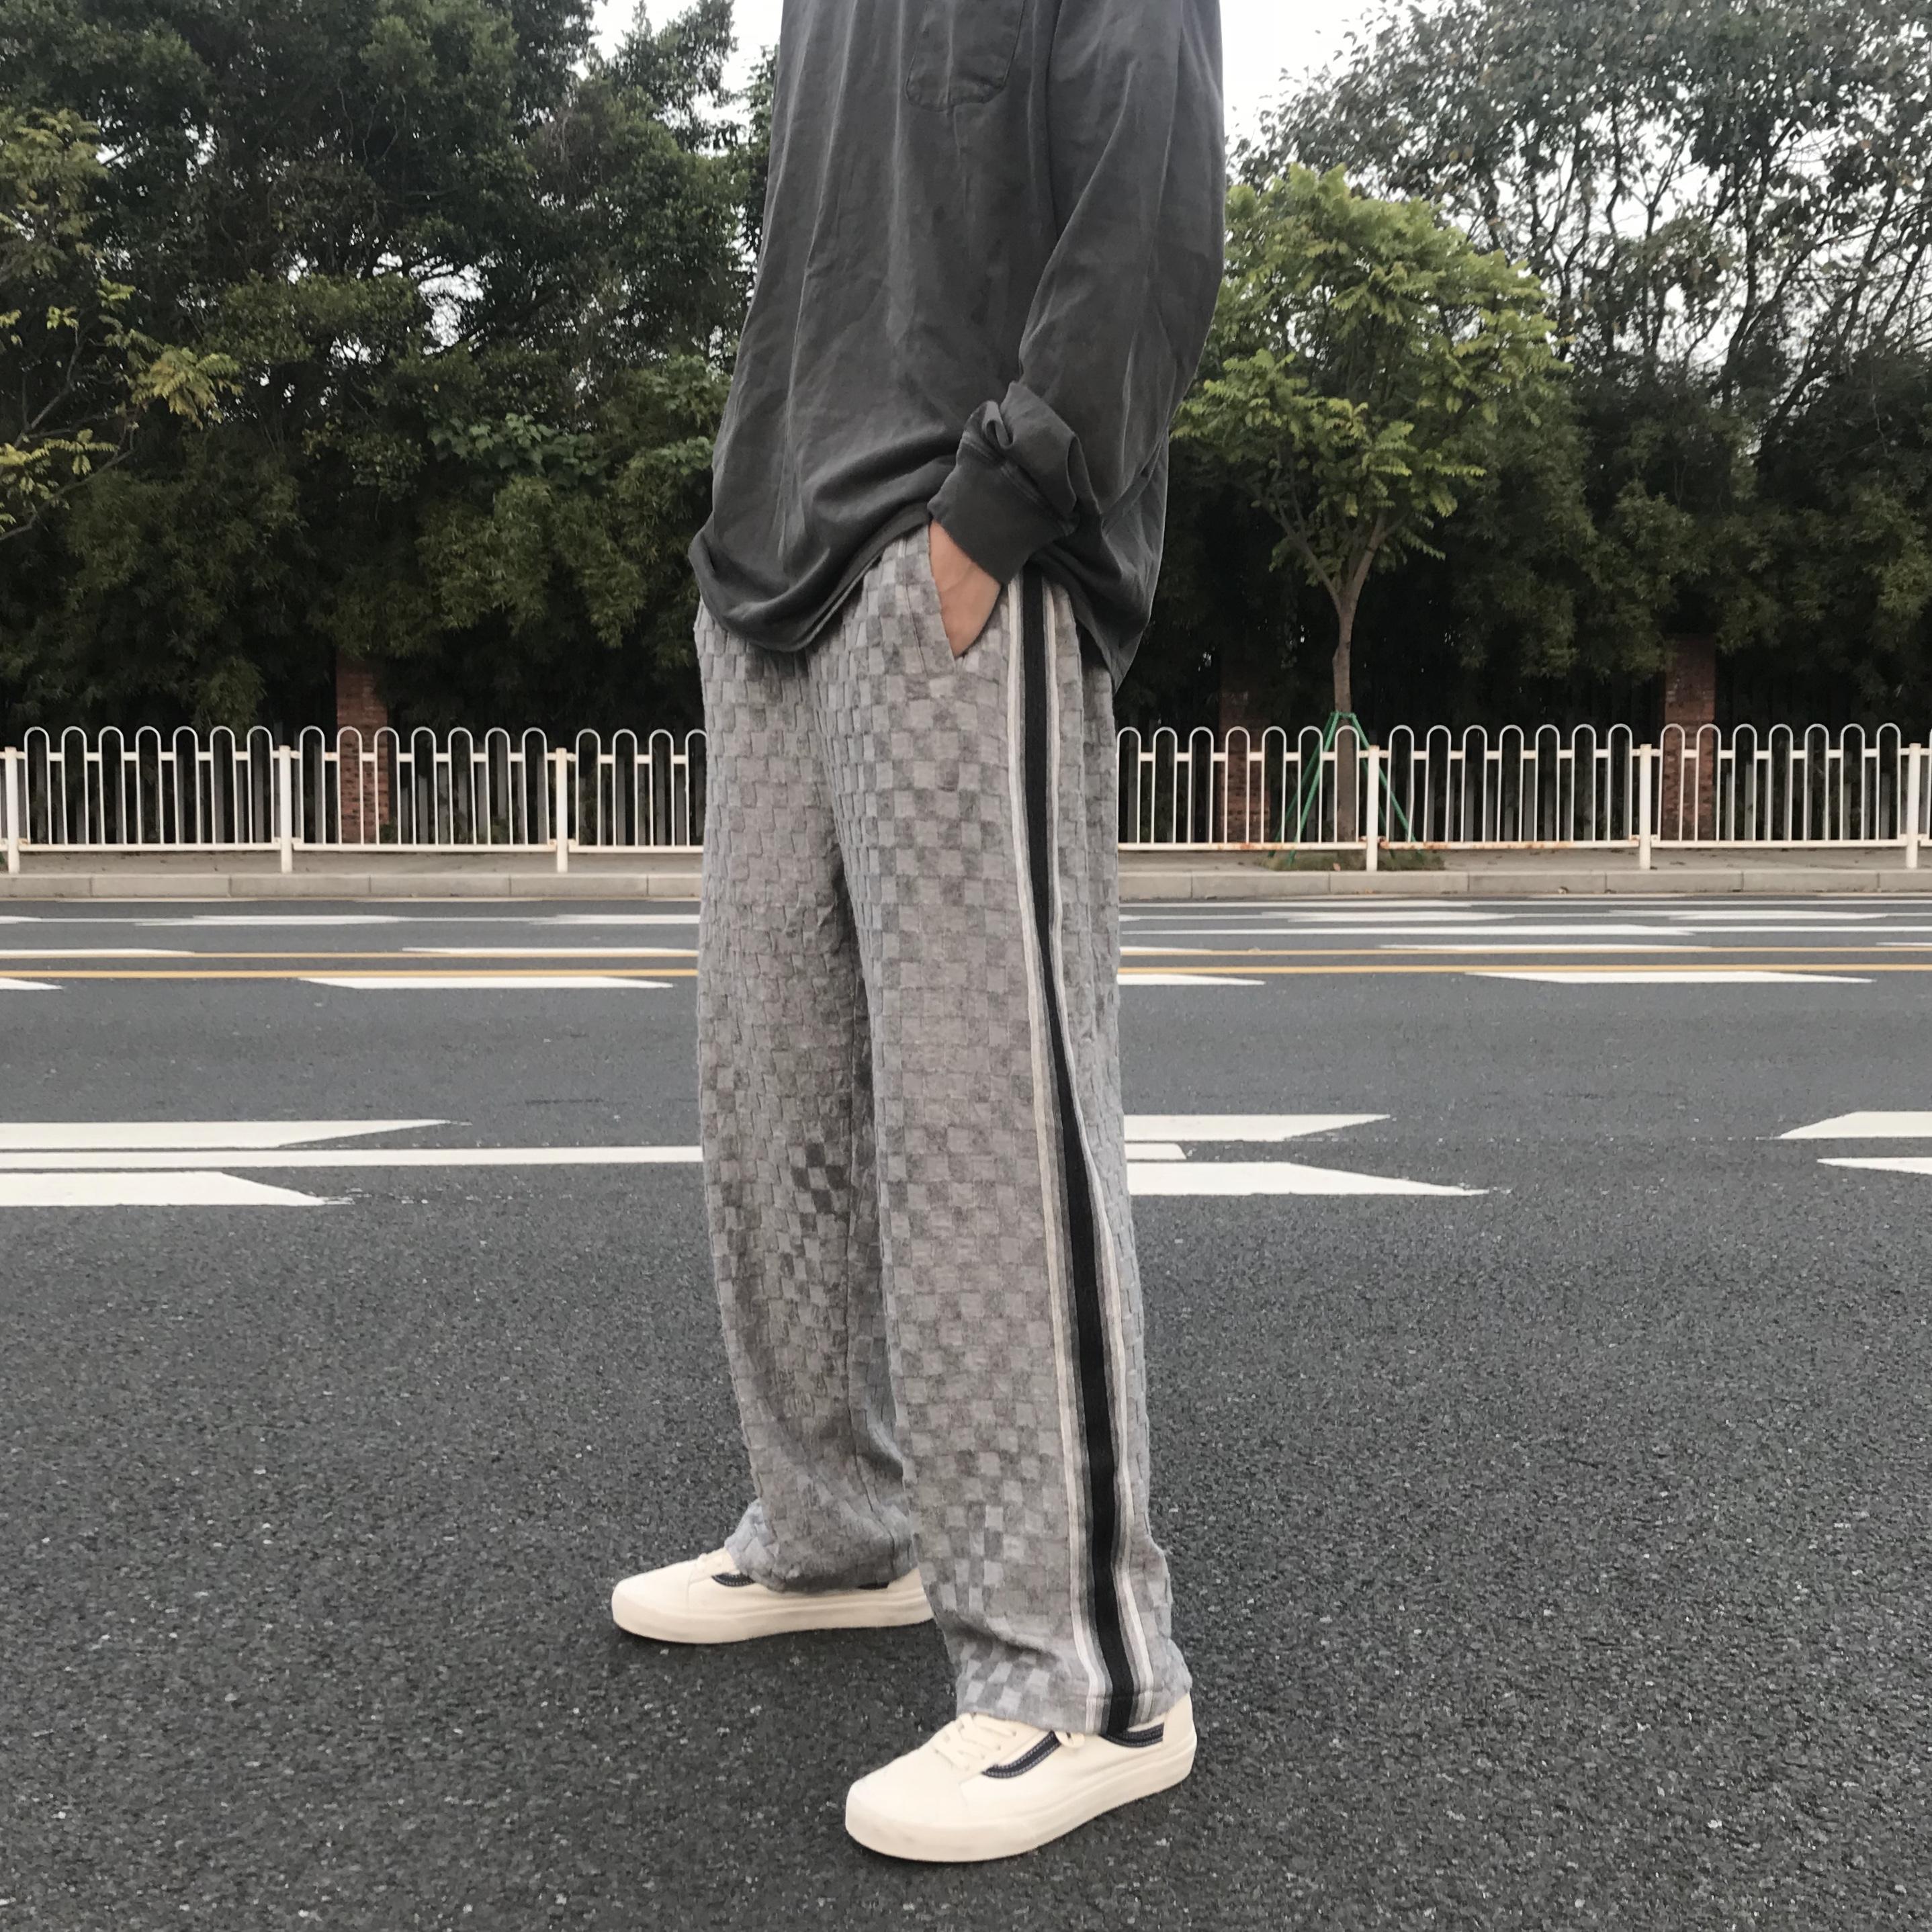 棋盘格提花裤竖条纹织带长裤高街风男女直筒运动休闲裤